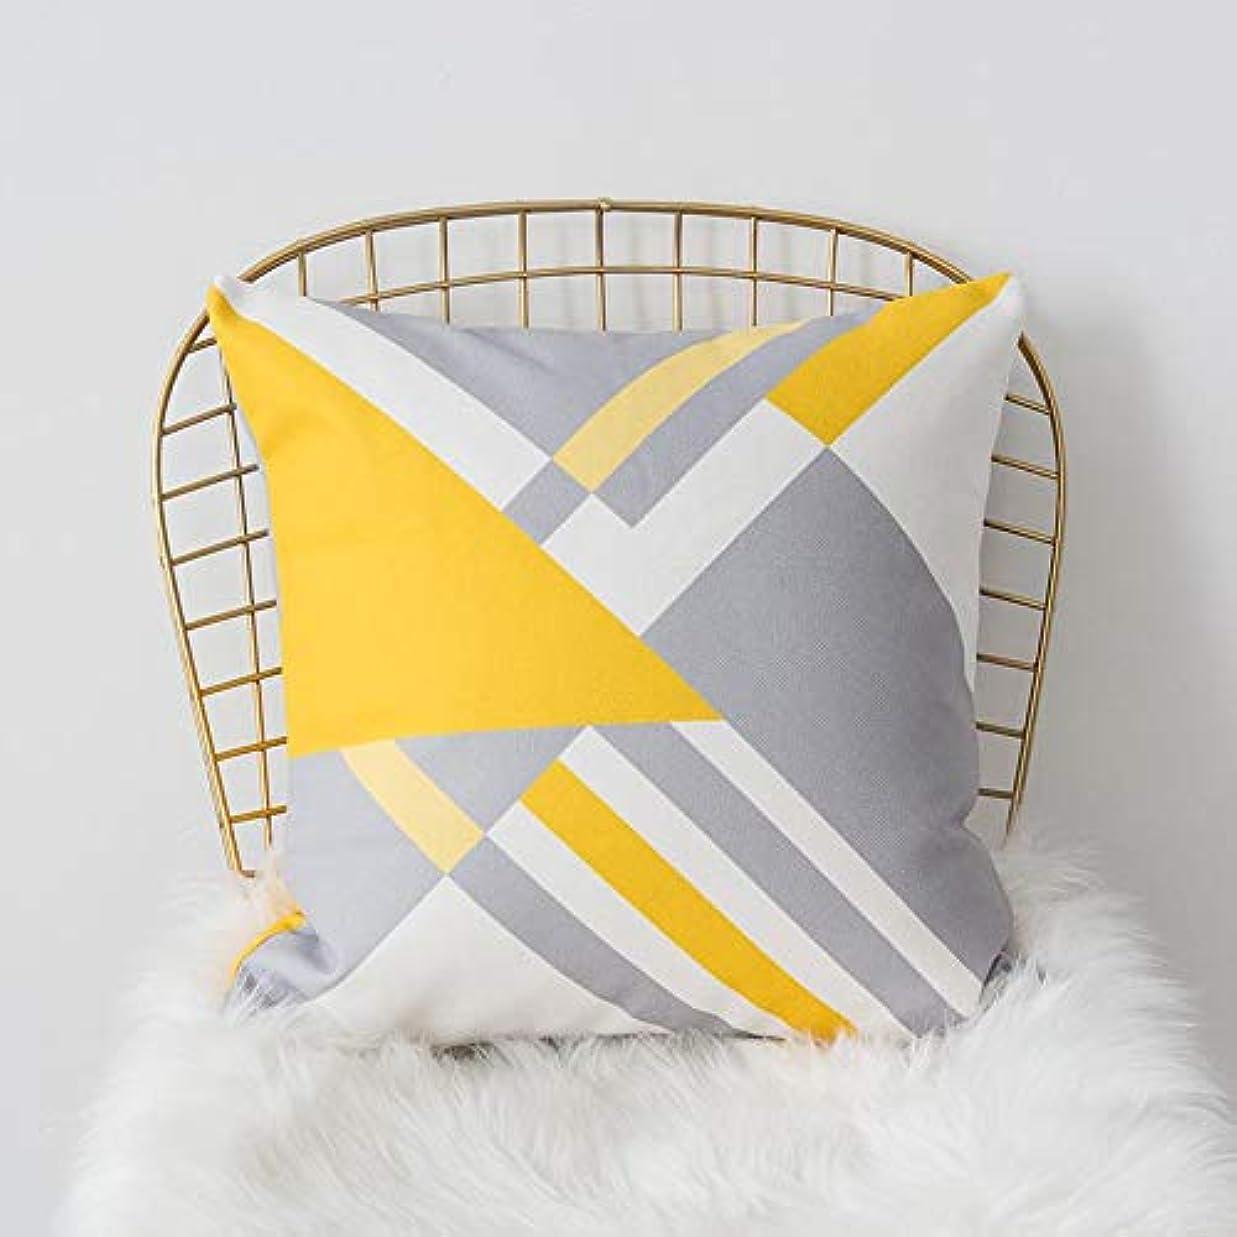 多年生クリック低いLIFE 黄色グレー枕北欧スタイル黄色ヘラジカ幾何枕リビングルームのインテリアソファクッション Cojines 装飾良質 クッション 椅子